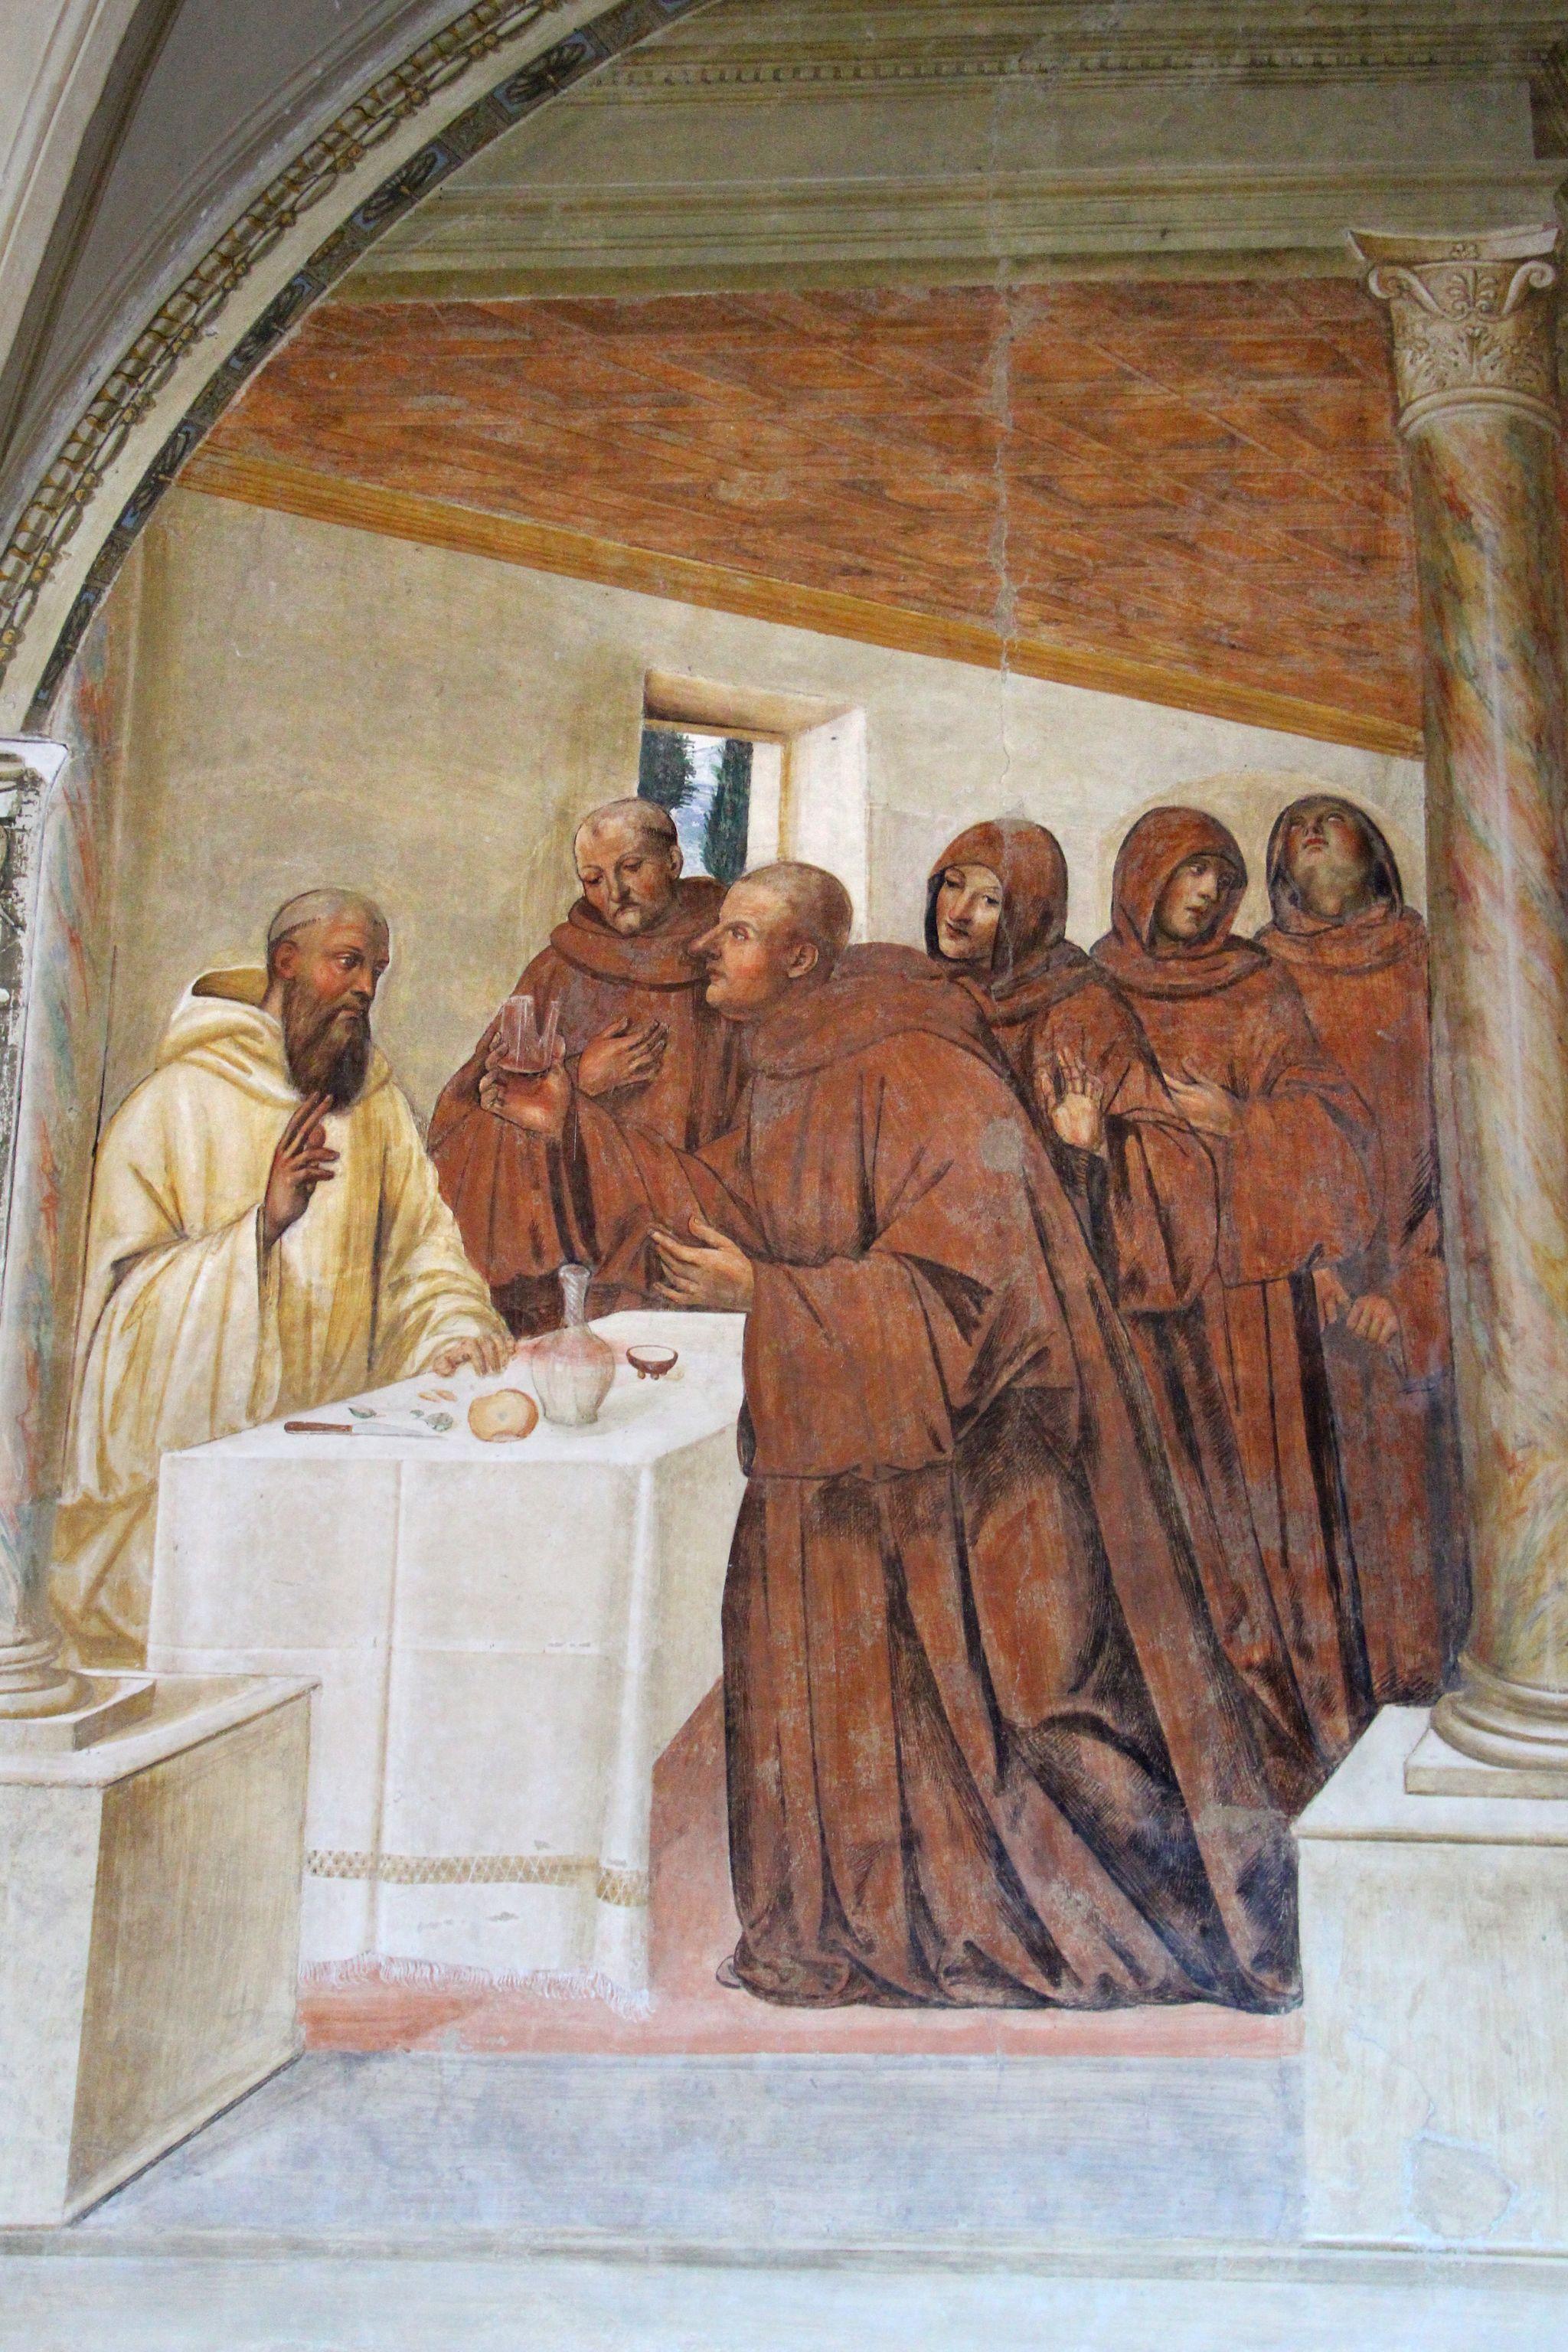 Storie di s. benedetto, 10 sodoma - Come Benedetto spezza col segno della croce uno bicchiere avvelenato 02